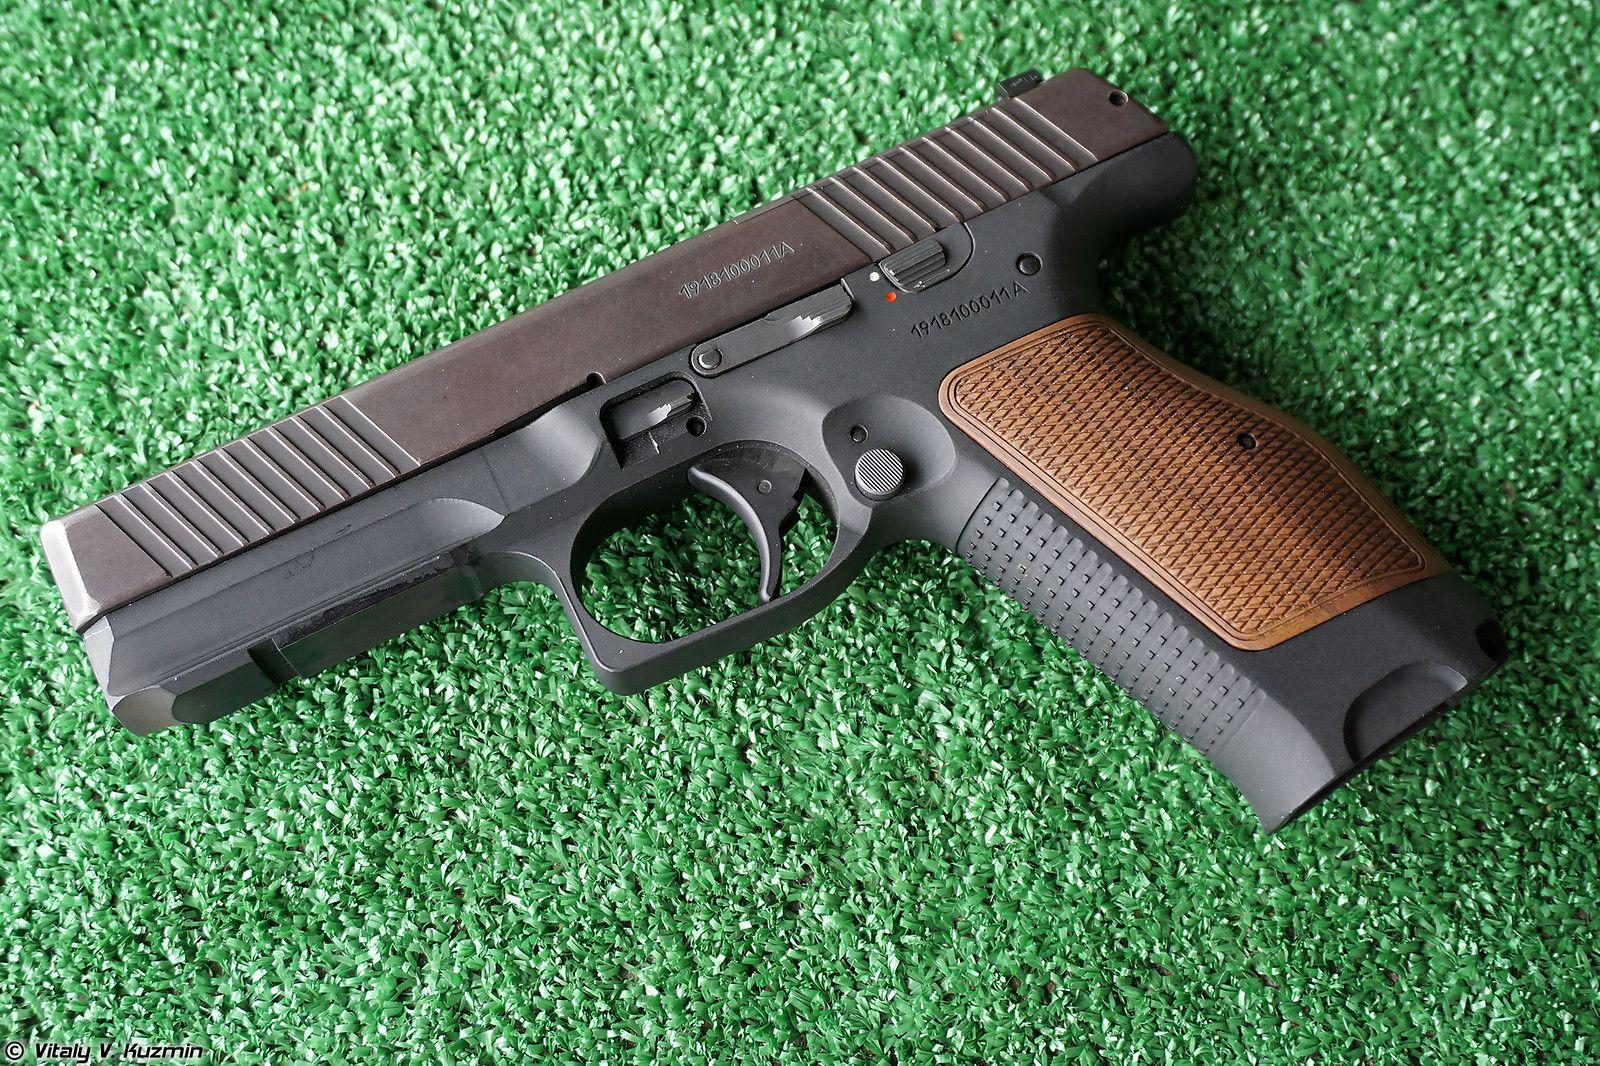 МВД РФ готовит контракт на пистолет Лебедева компактный, который заменит пистолет Макарова